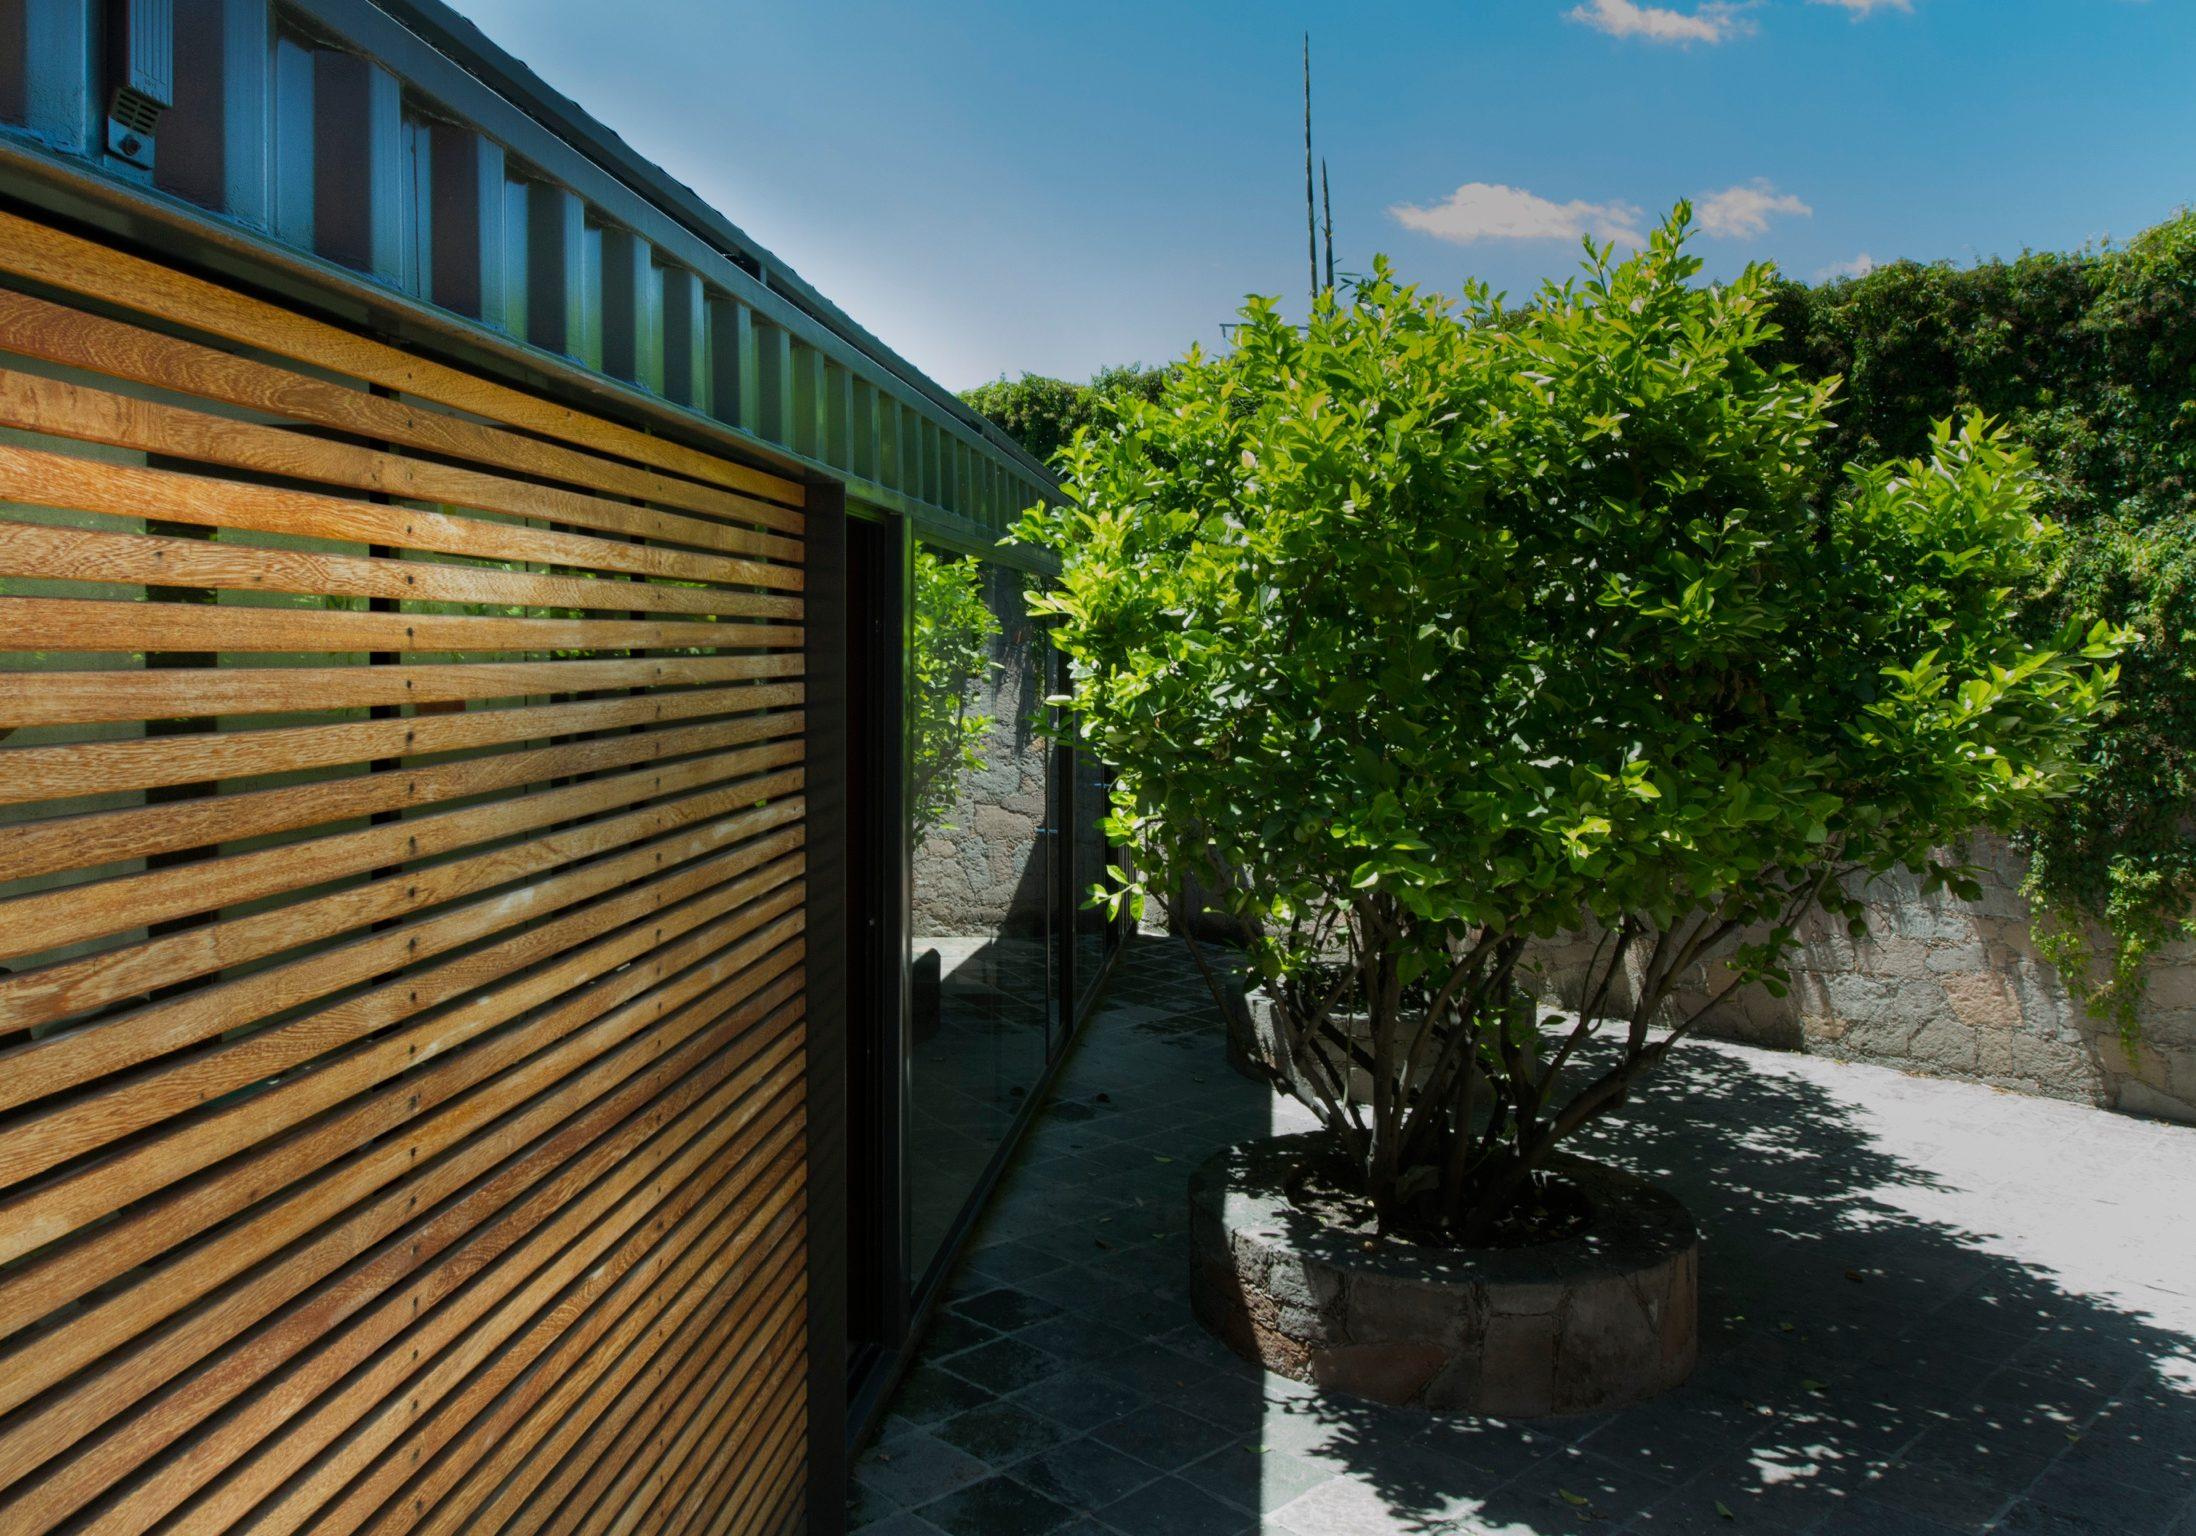 Oficina modular fabricada con containers. Estilo moderno. Luís Miguel Rubín